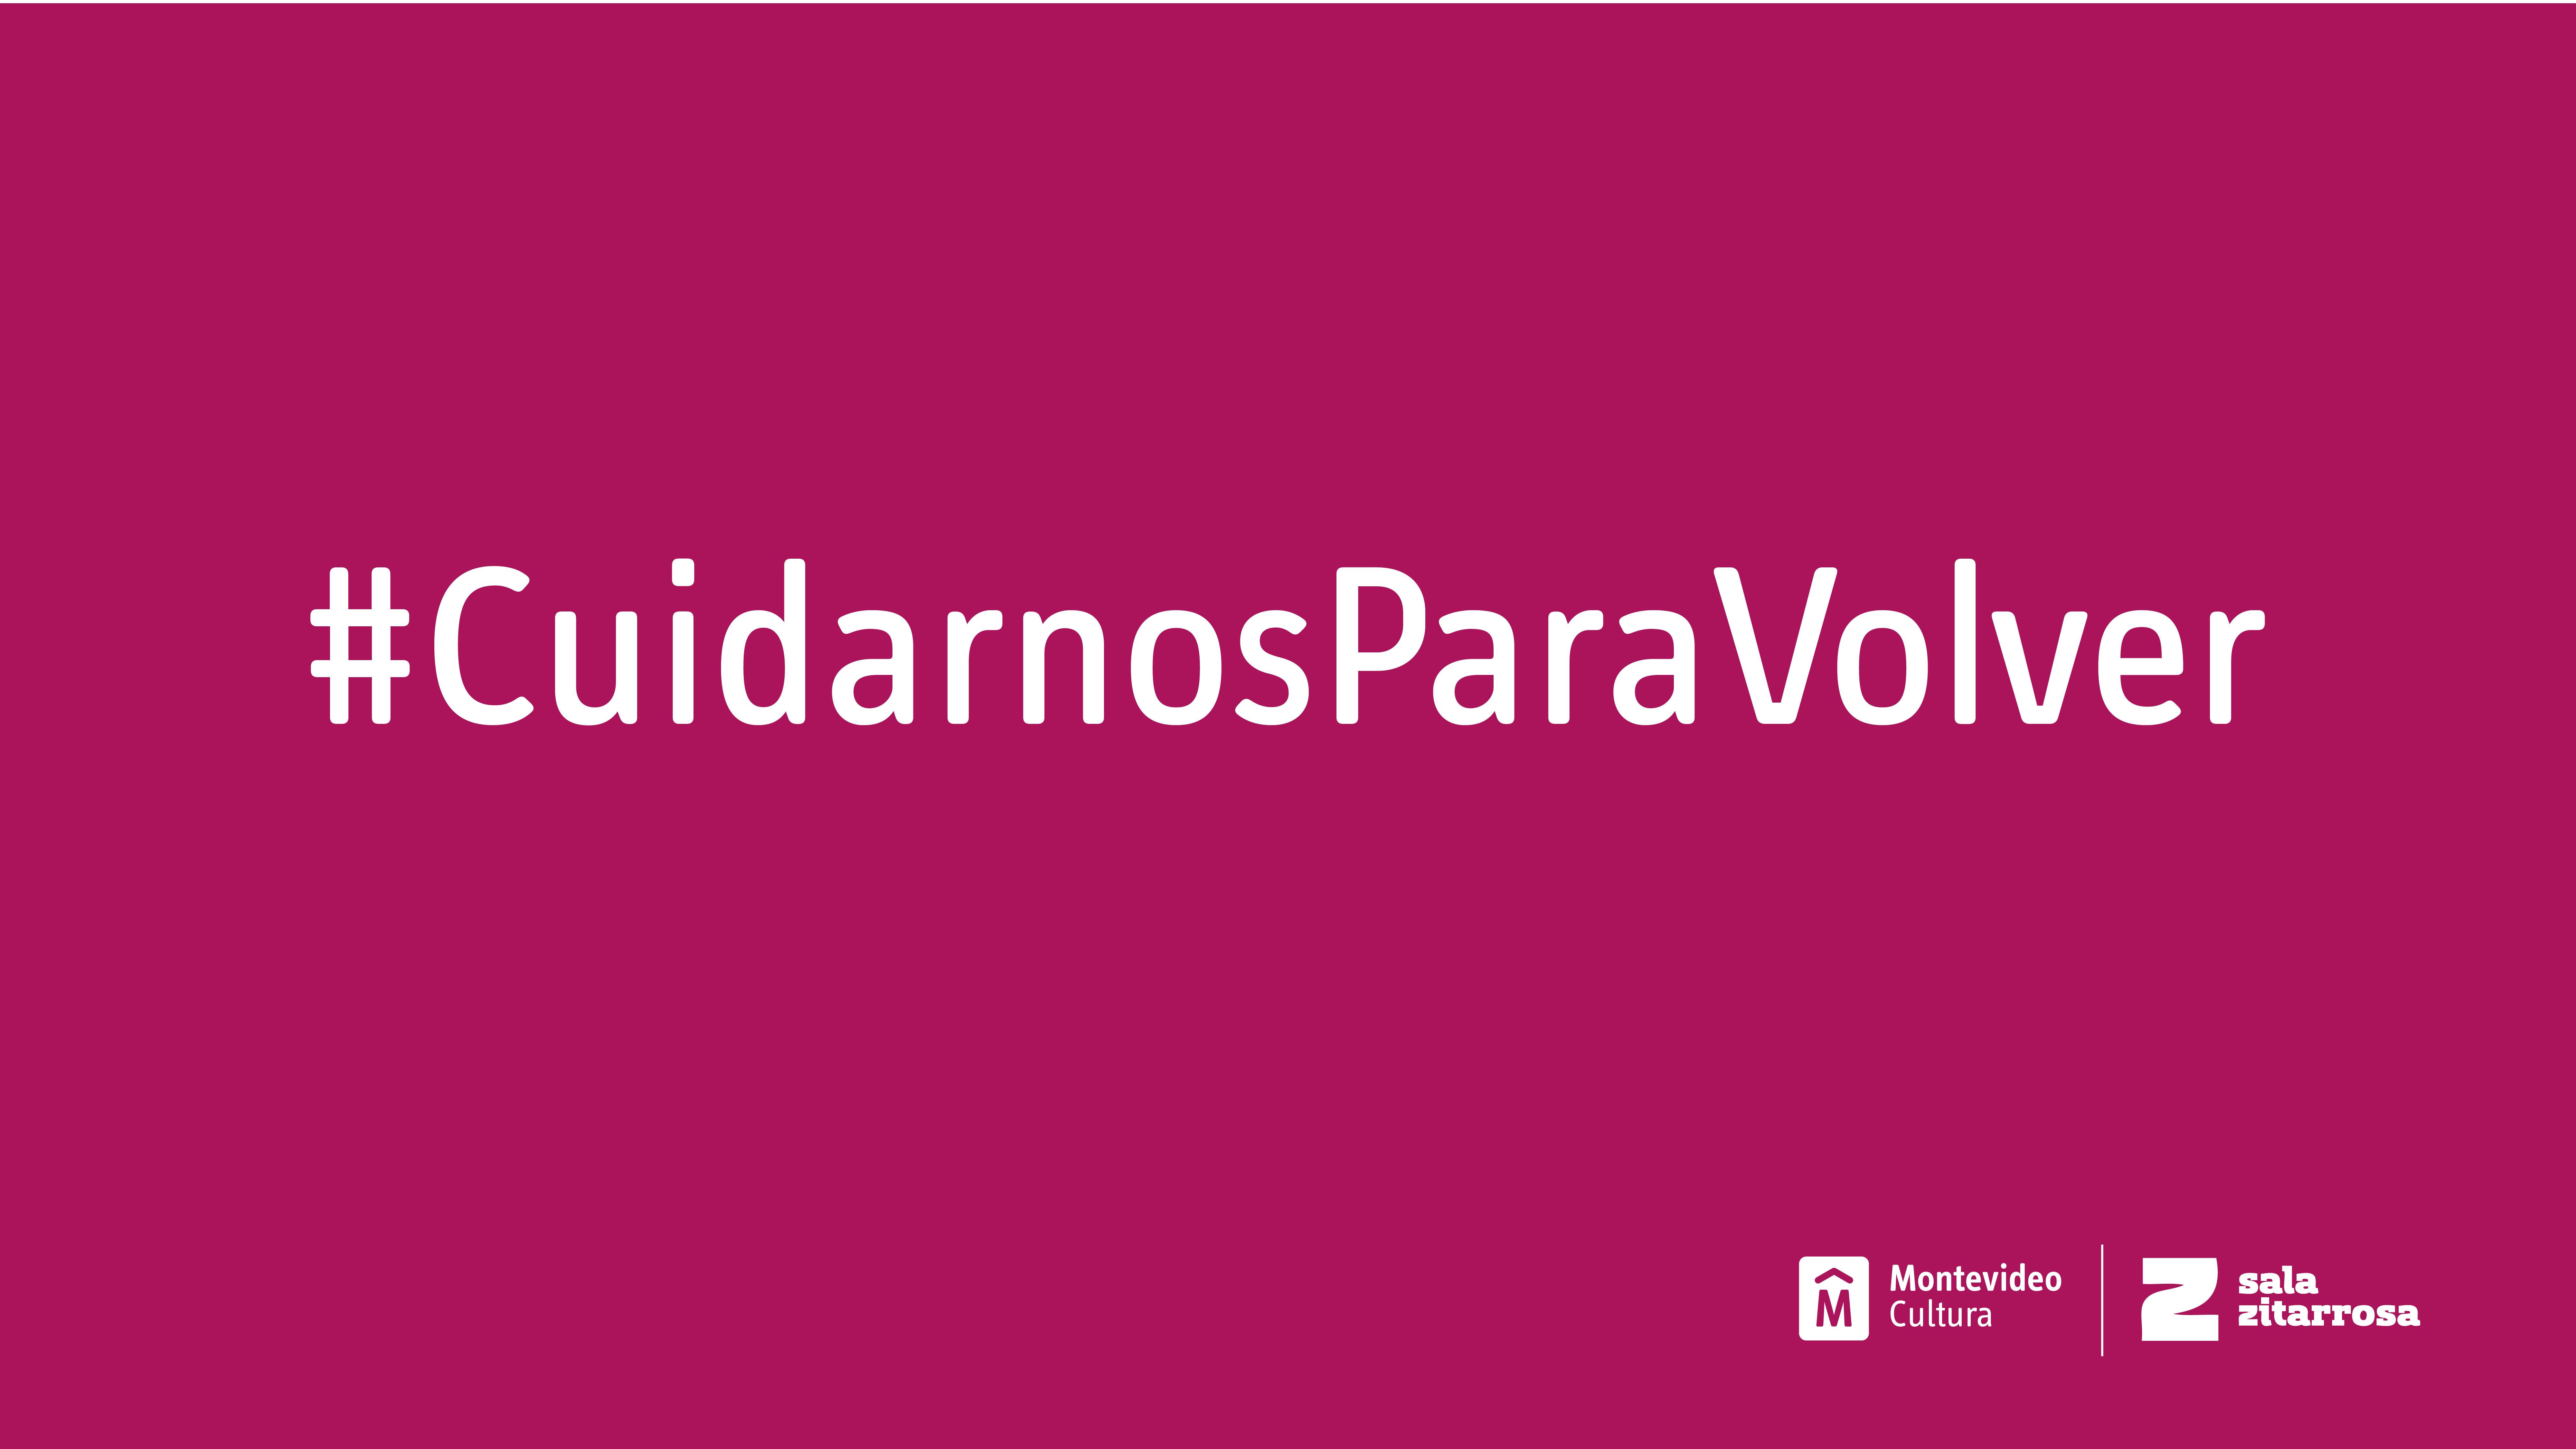 #CuidarnosParaVolver